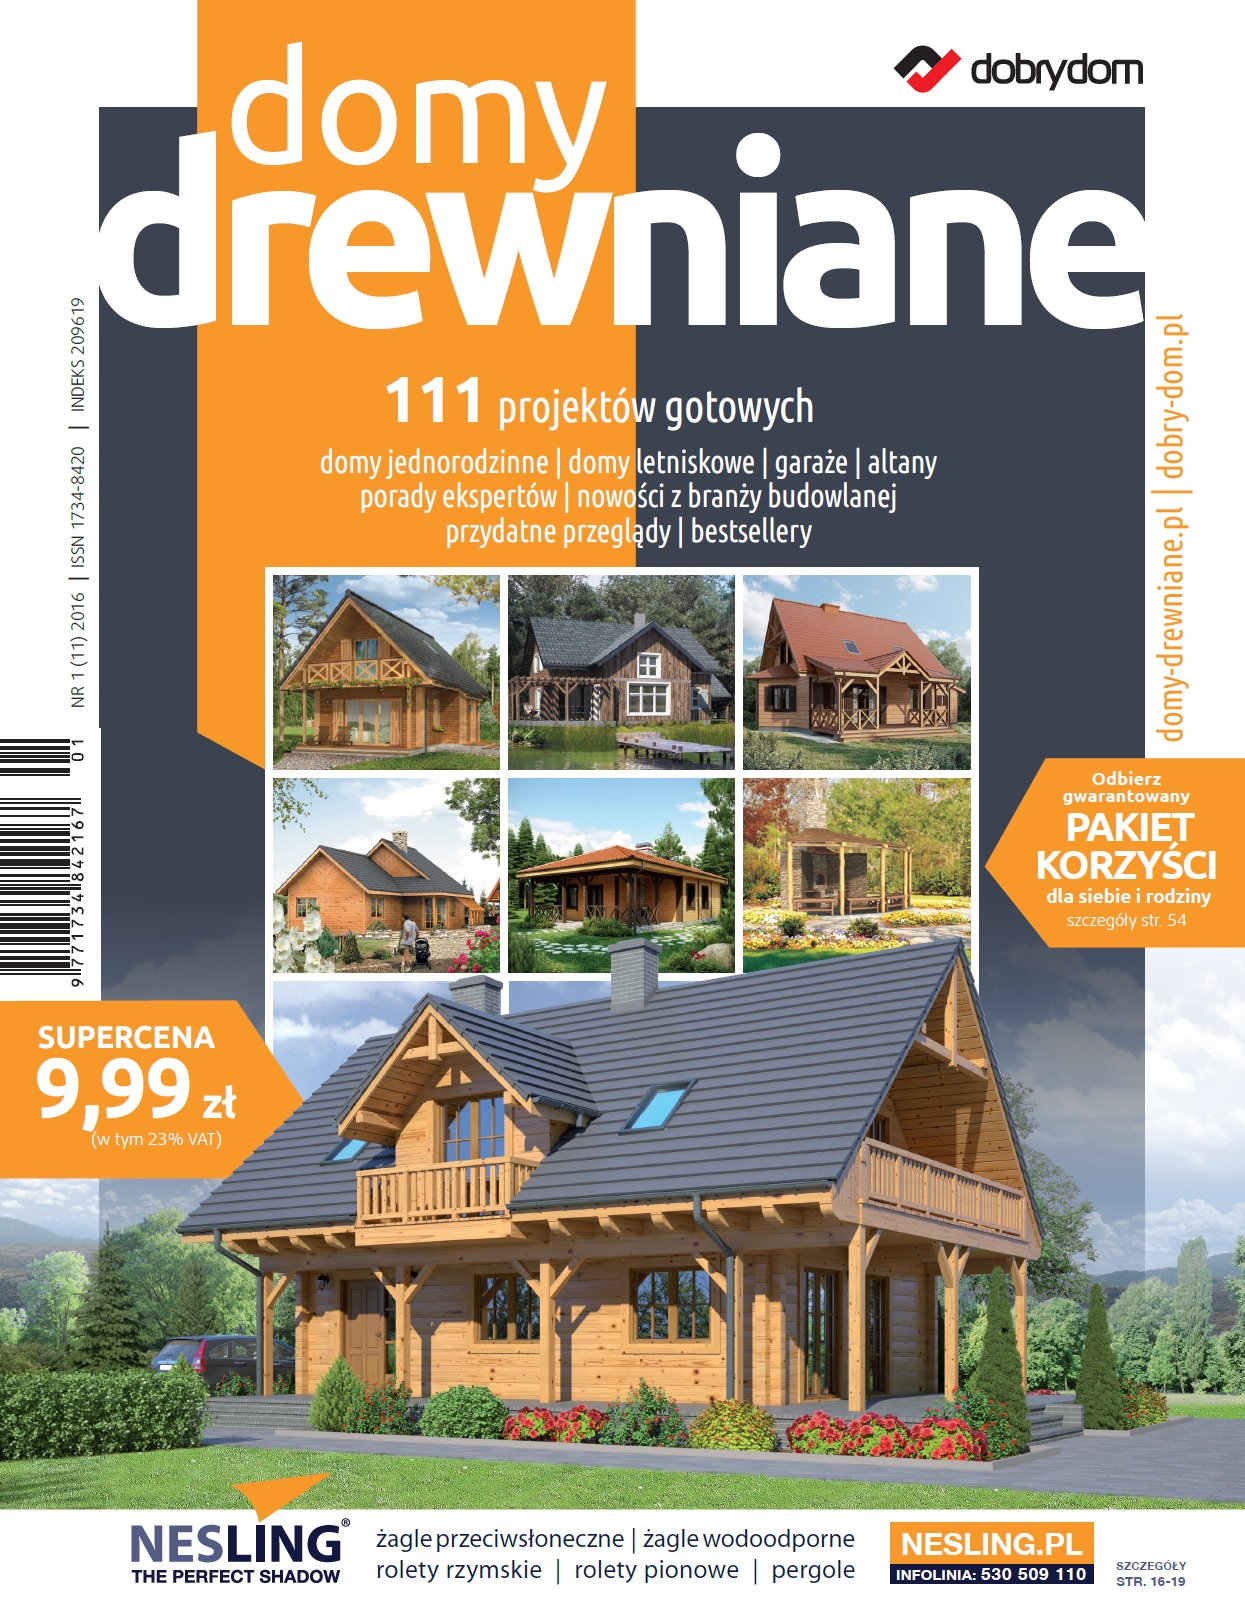 DOBRY DOM Domy Drewniane